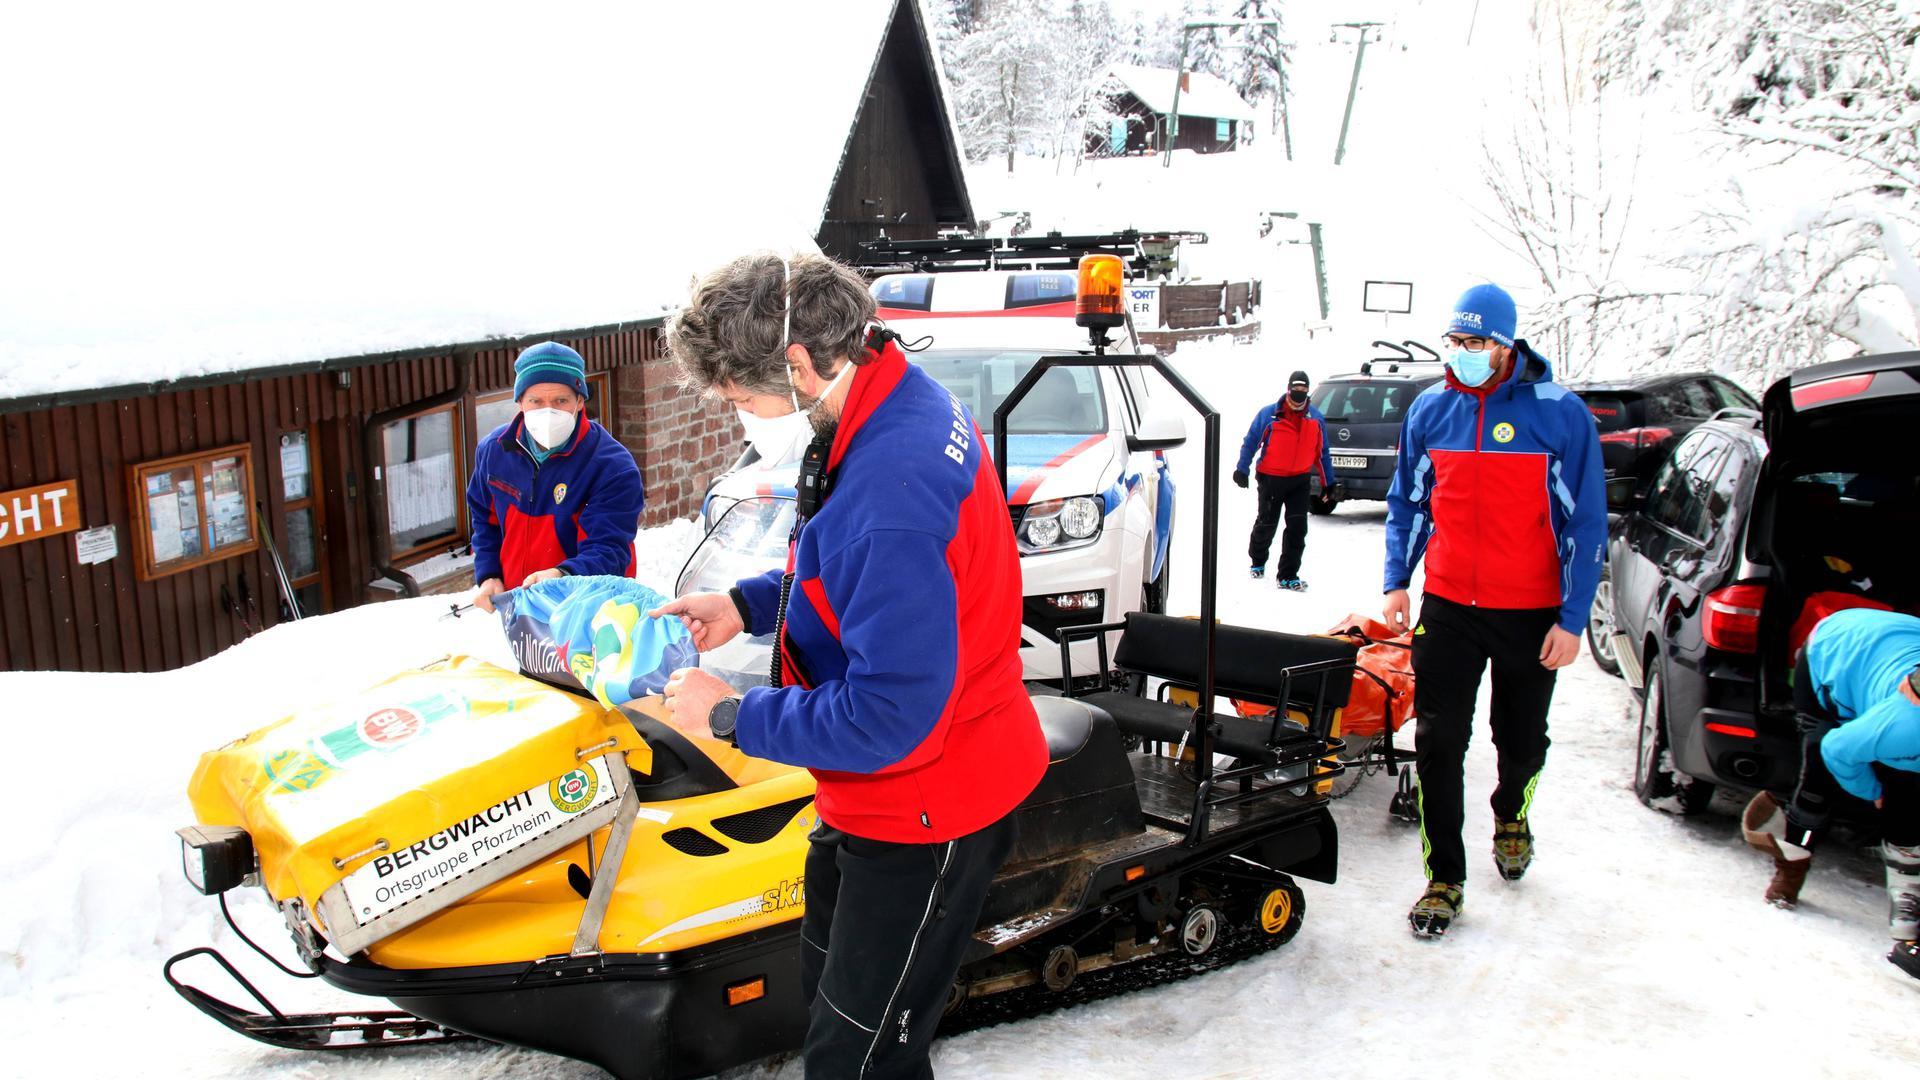 Bereit für den Wintereinsatz: Die Bergwacht Schwarzwald betreibt an Wochenenden die Bergrettungswache Kaltenbronn und betreut den Skilift dort sowie am Enzklösterle.